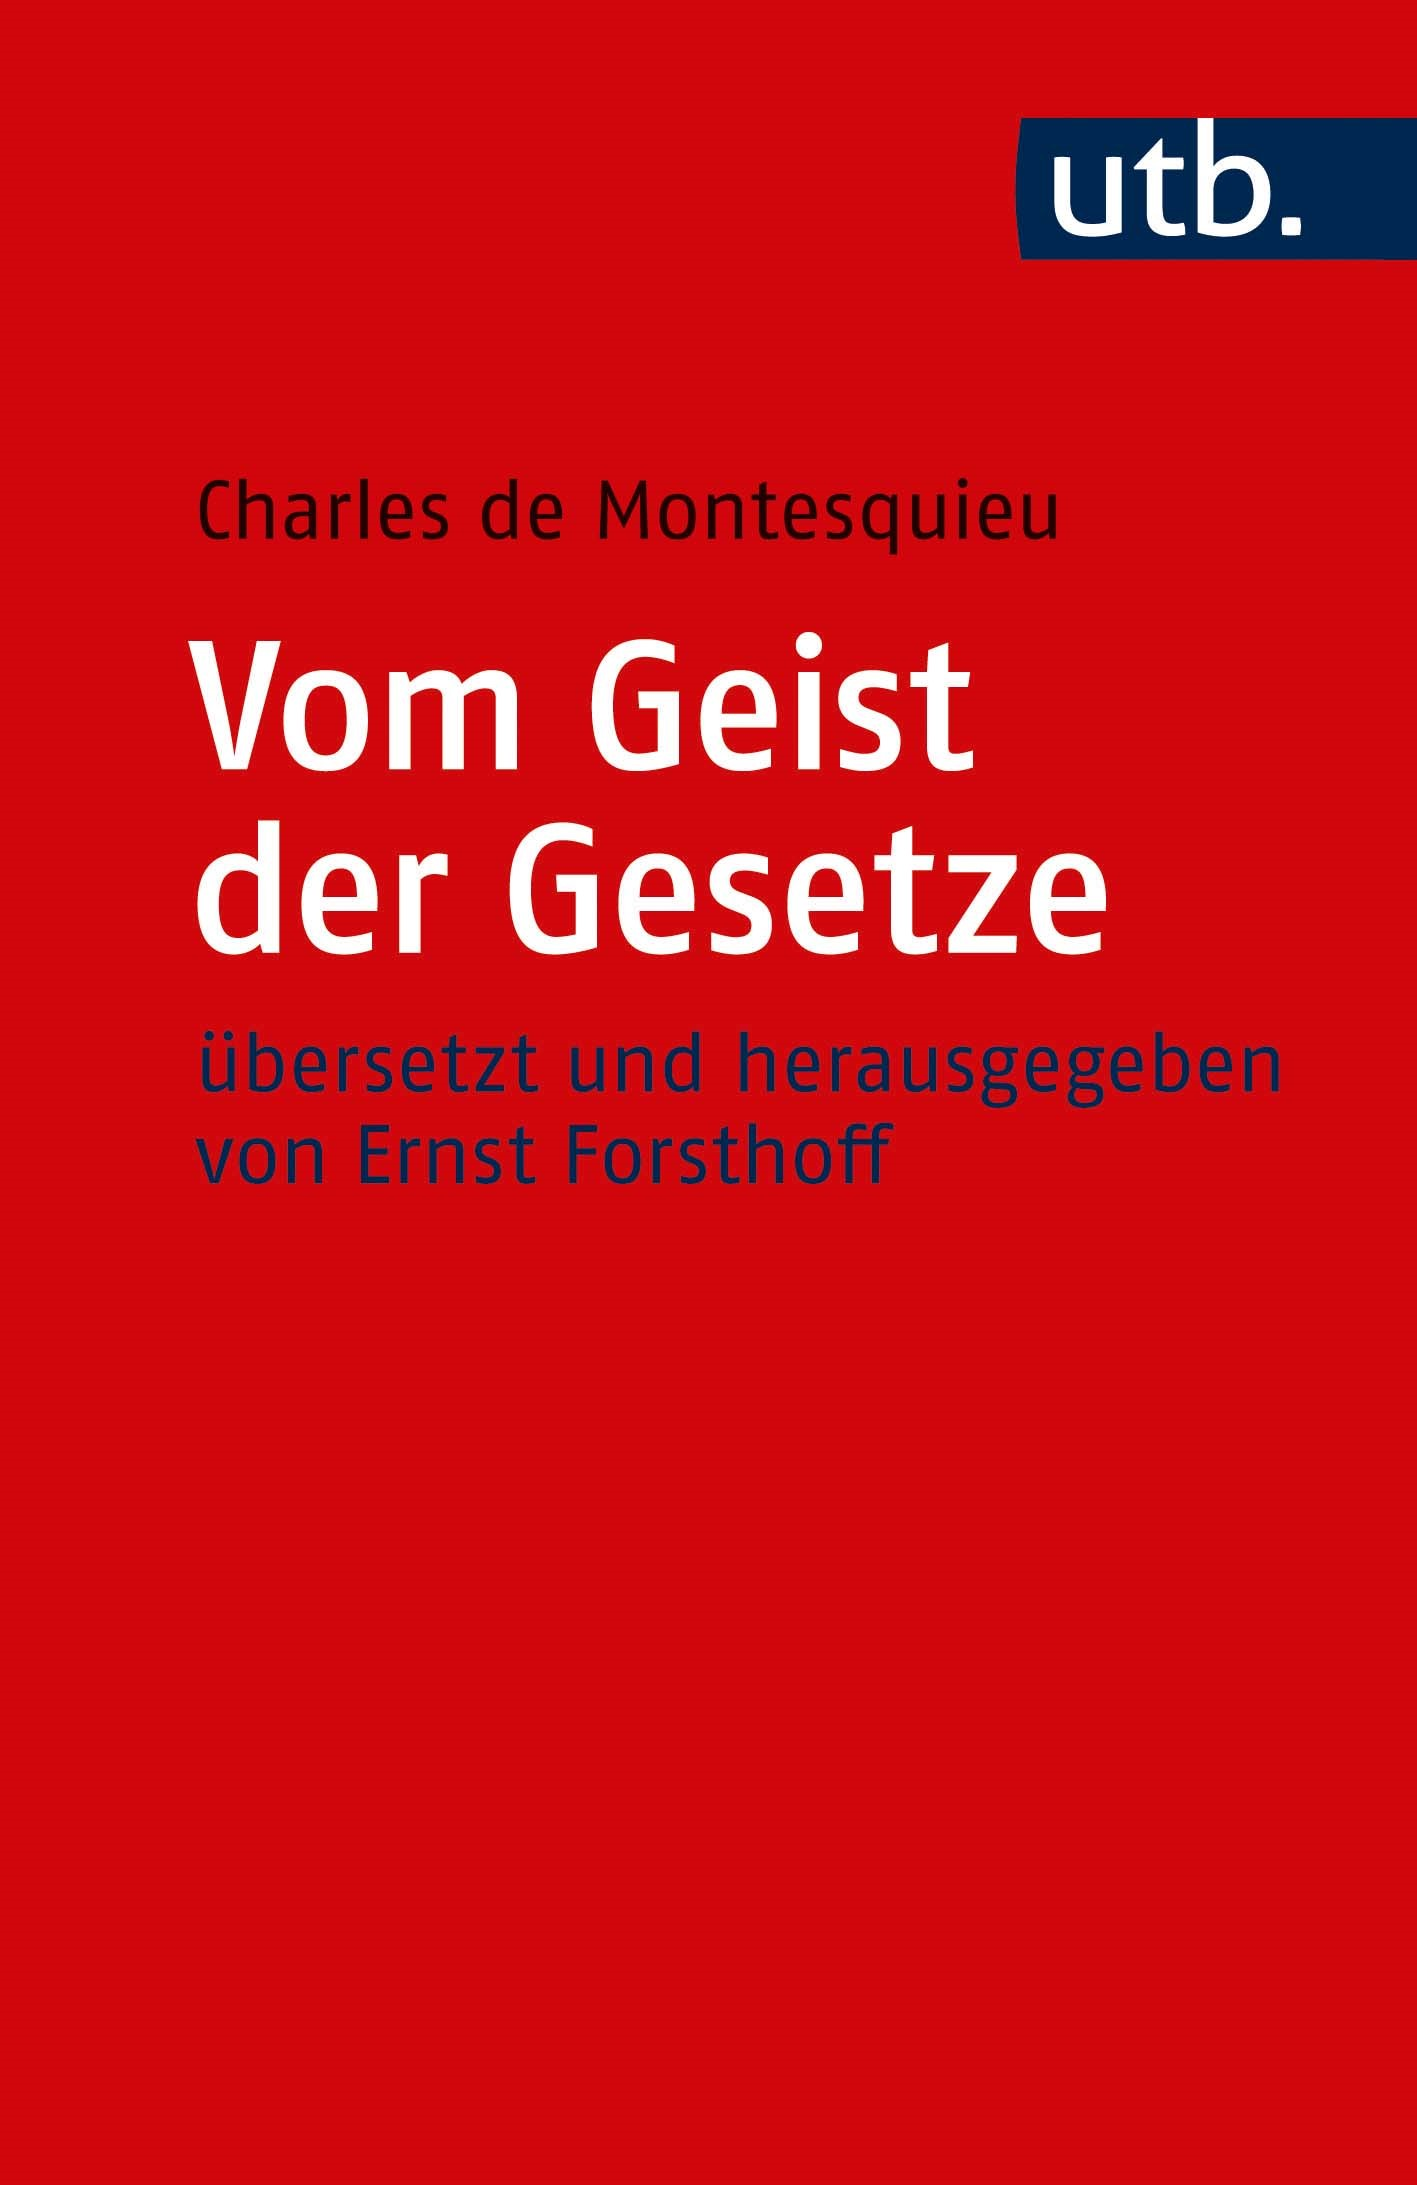 Vom Geist der Gesetze | Montesquieu | 3. Auflage, 2019 | Buch (Cover)